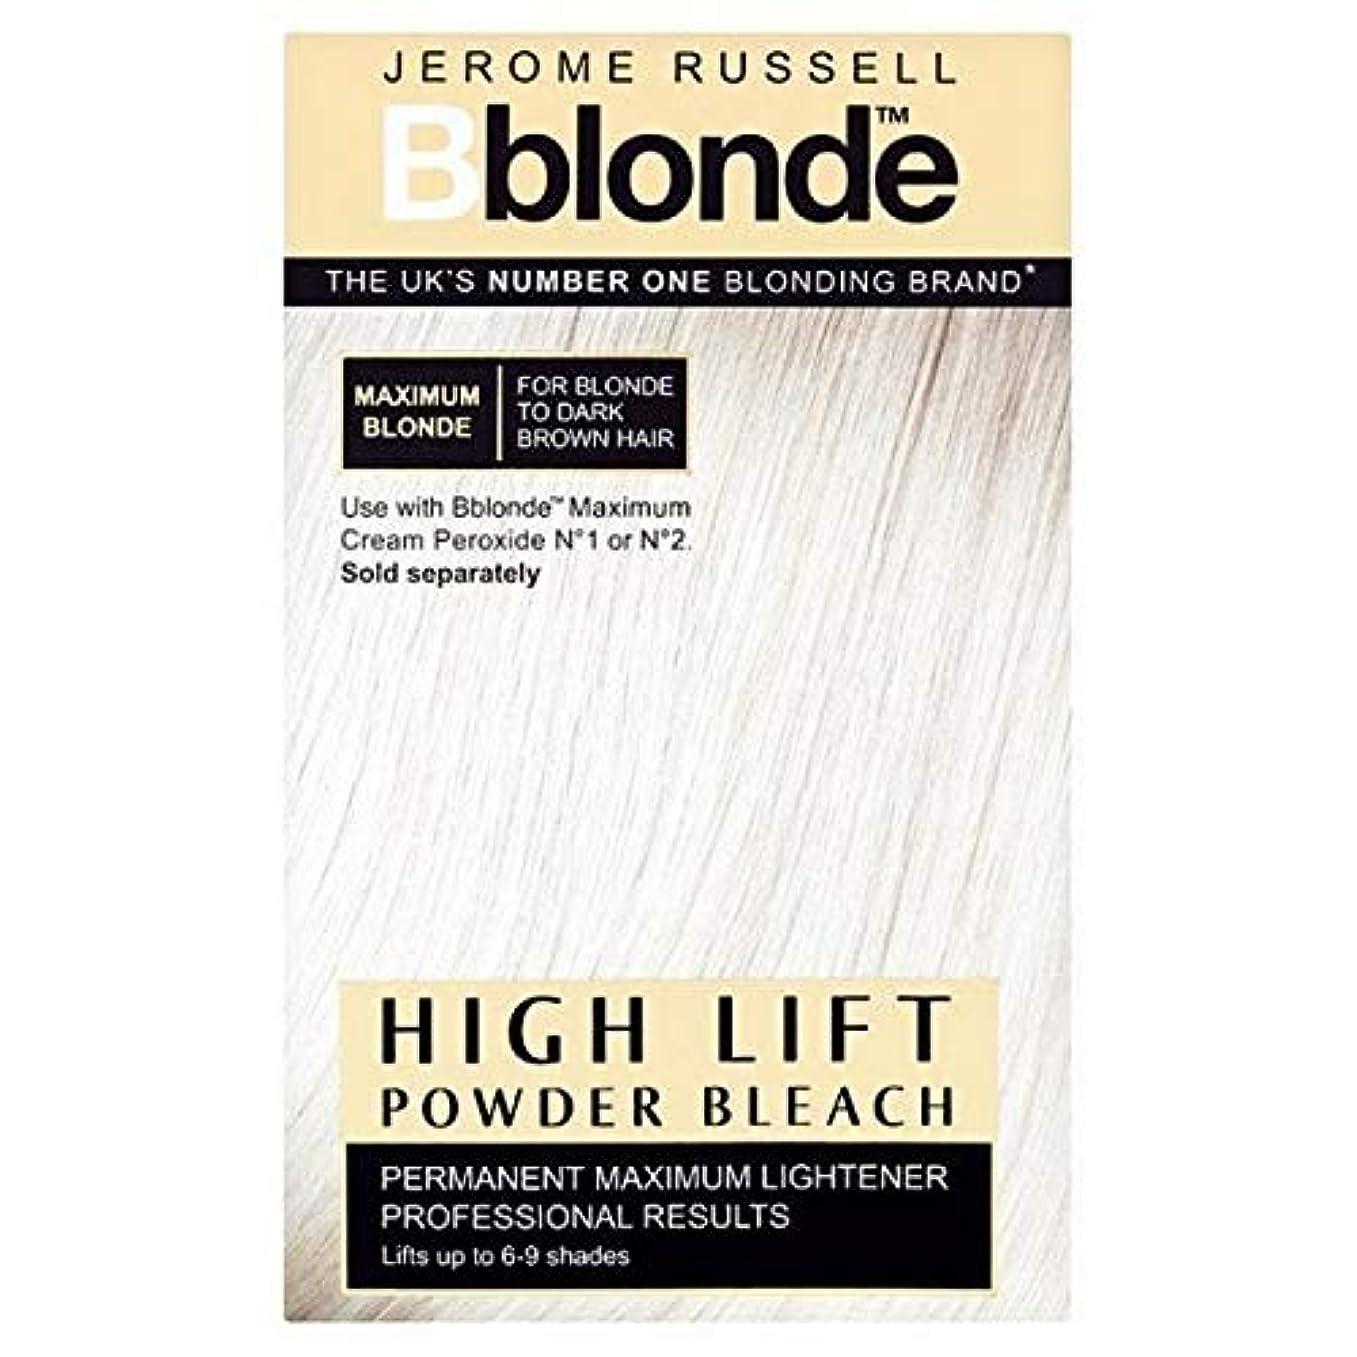 持ってる資本主人[B Blonde] ジェロームラッセルB金髪粉末漂白剤100グラムのライトナー - Jerome Russell B Blonde Powder Bleach 100g Lightner [並行輸入品]